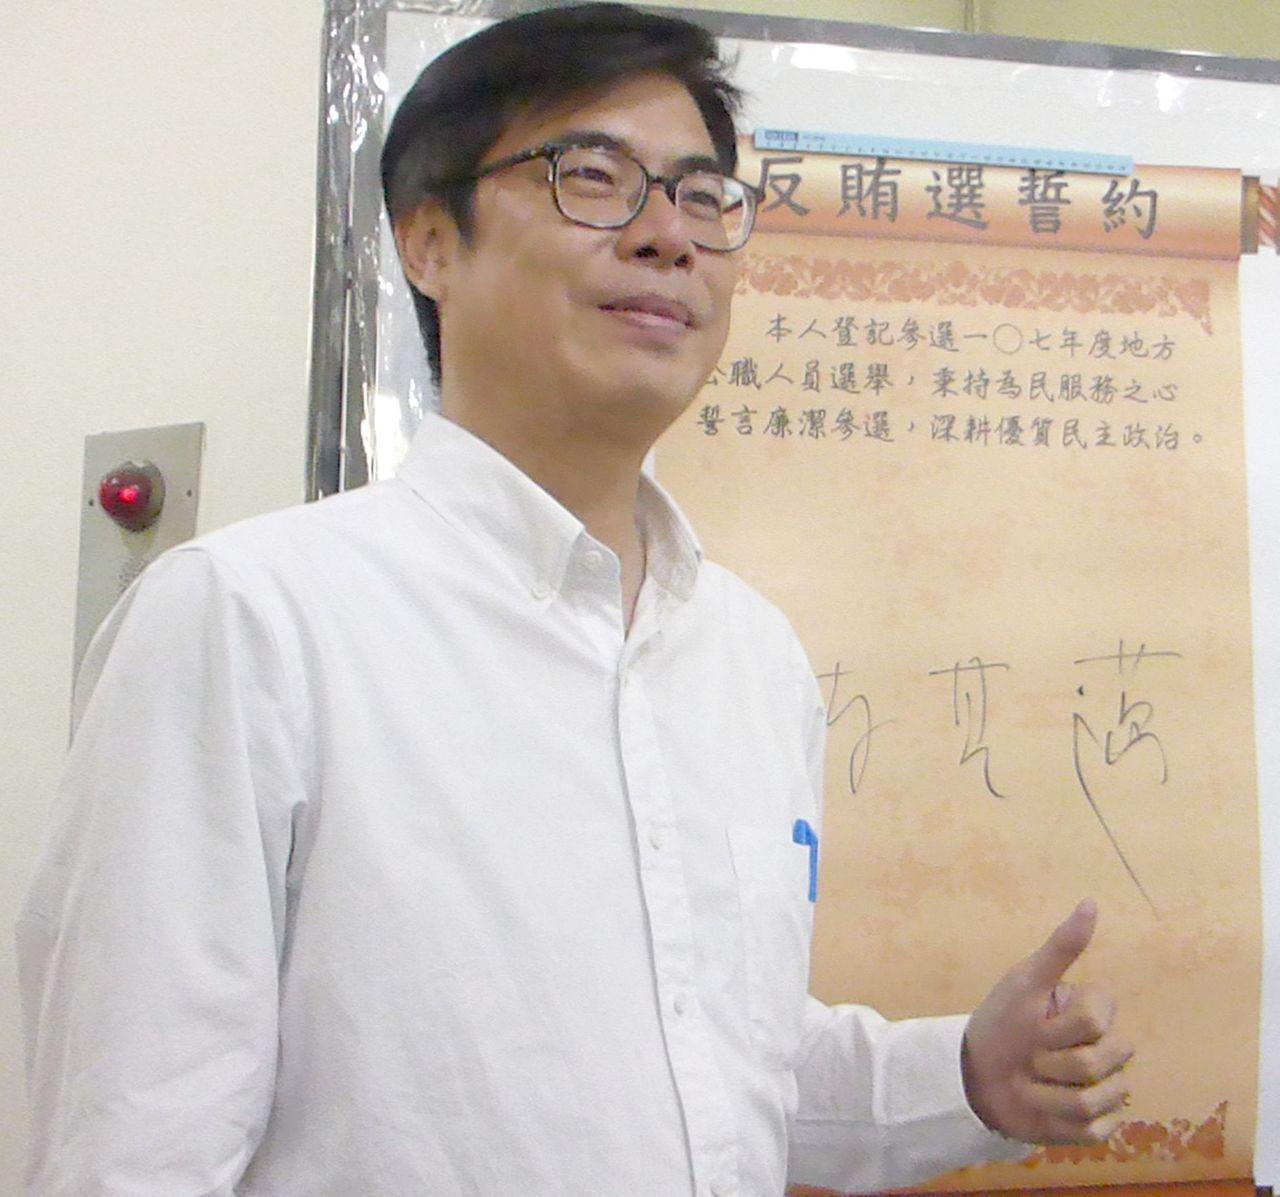 民進黨高雄市長參選人陳其邁允諾如當選市長,會在1到3年內全面在中小學教室加裝冷氣...